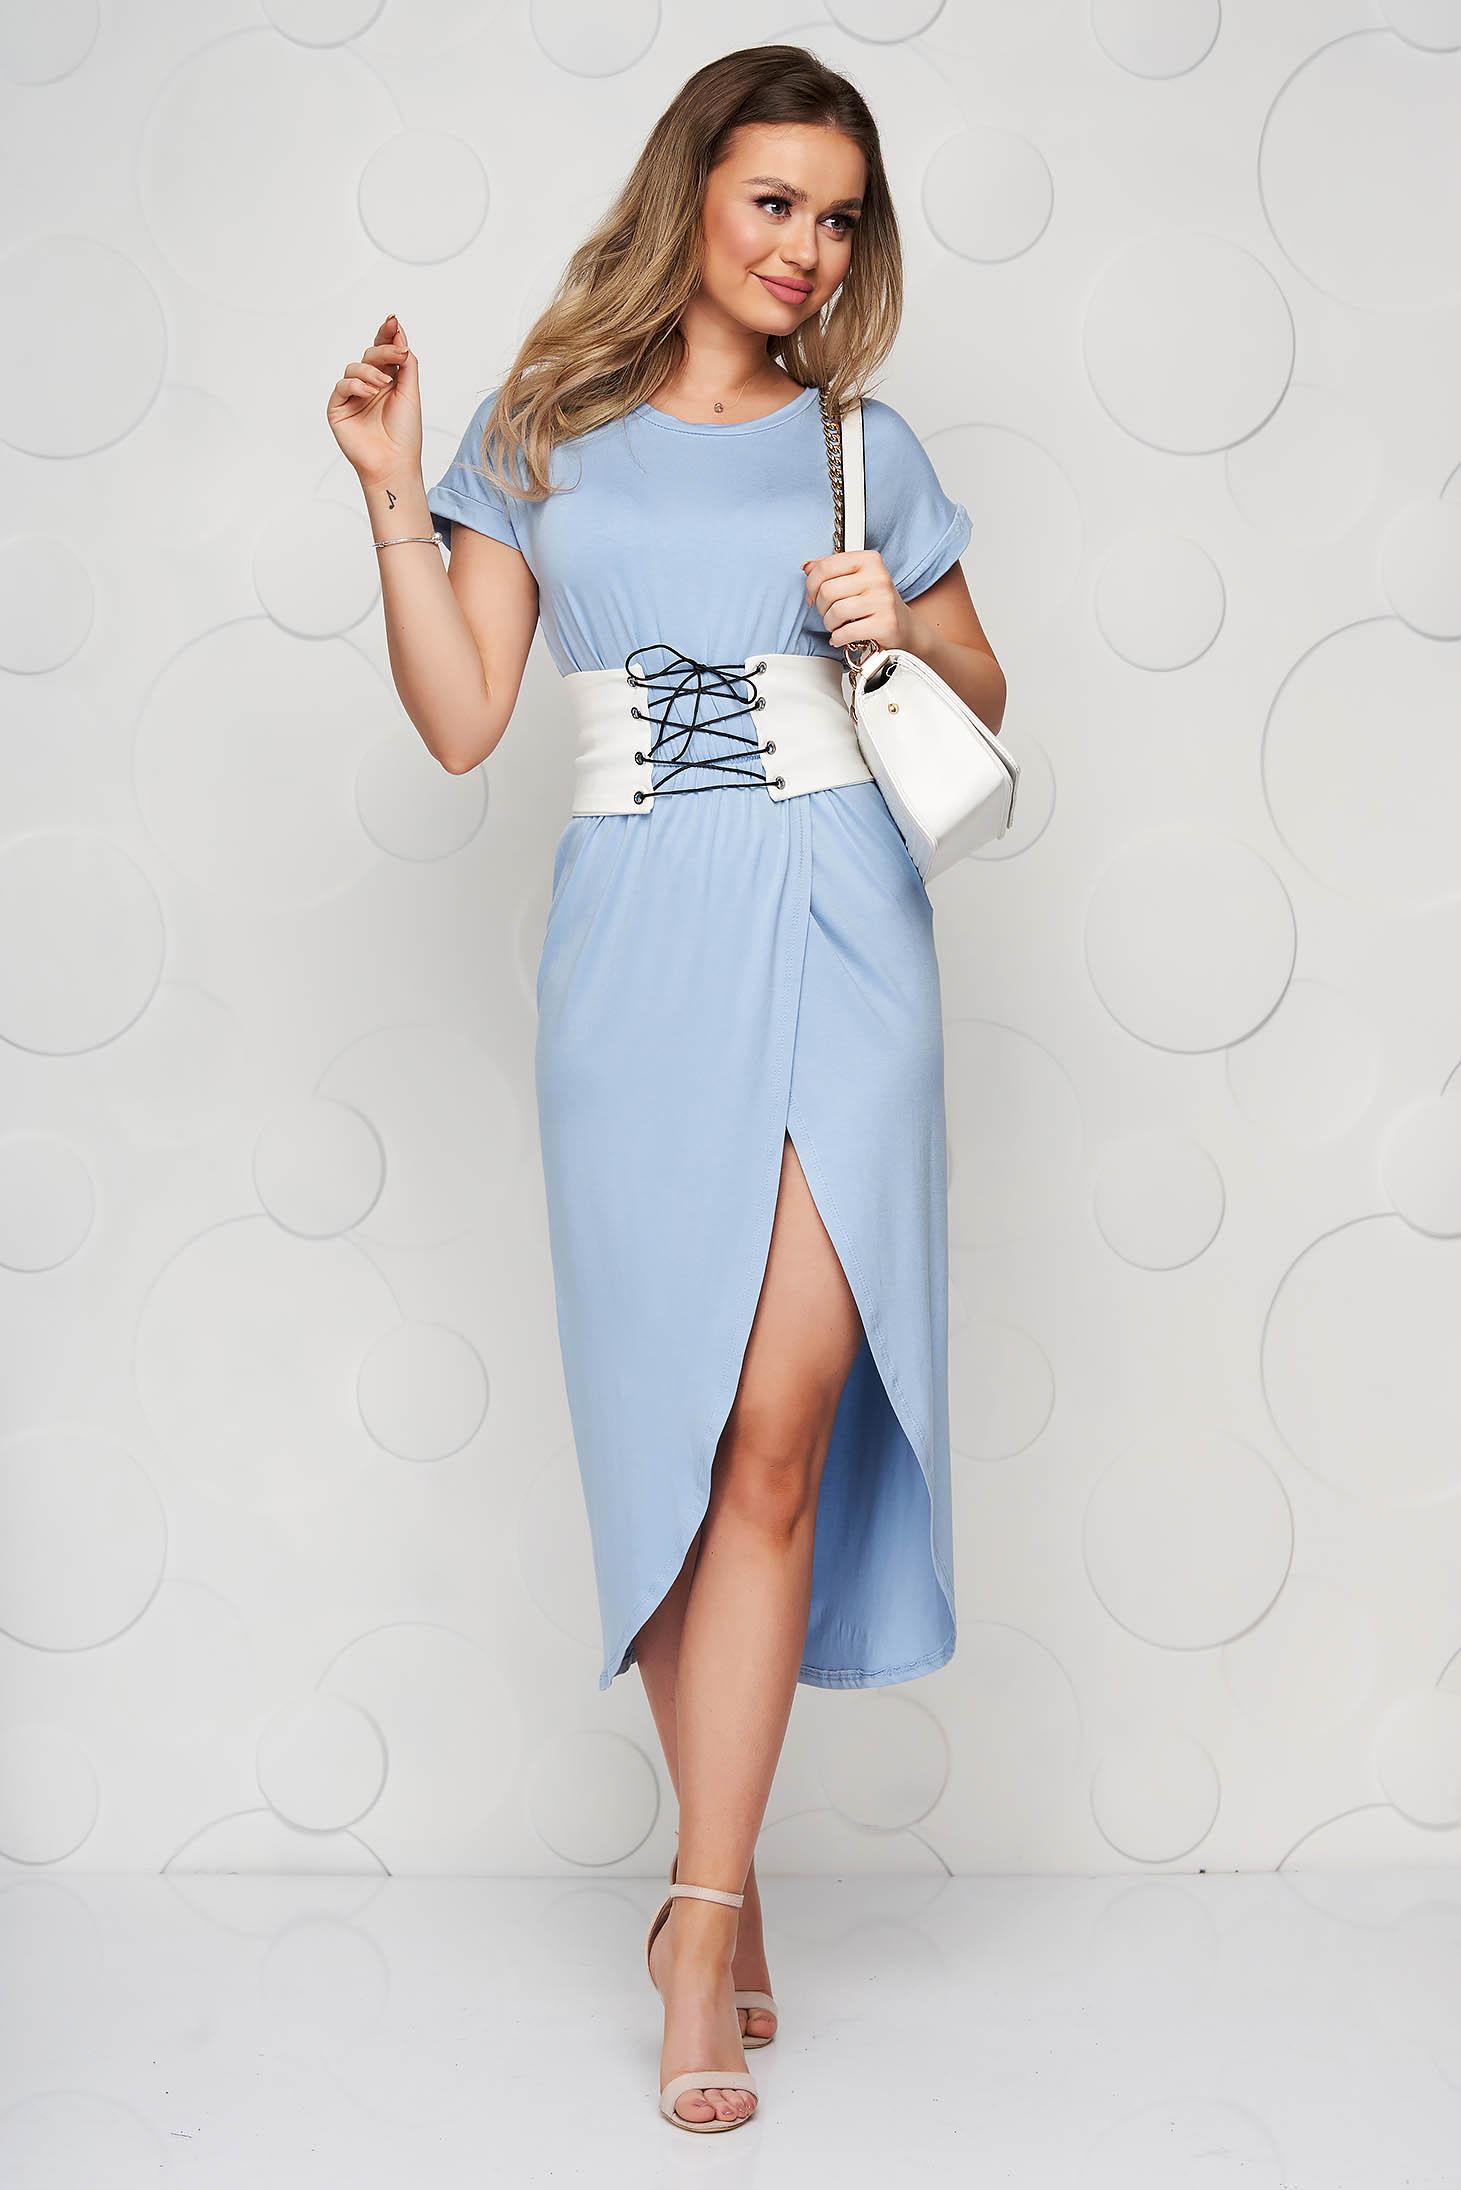 Rochie SunShine albastru-deschis midi crapata pe picior in clos cu decolteu rotunjit si brau detasabil